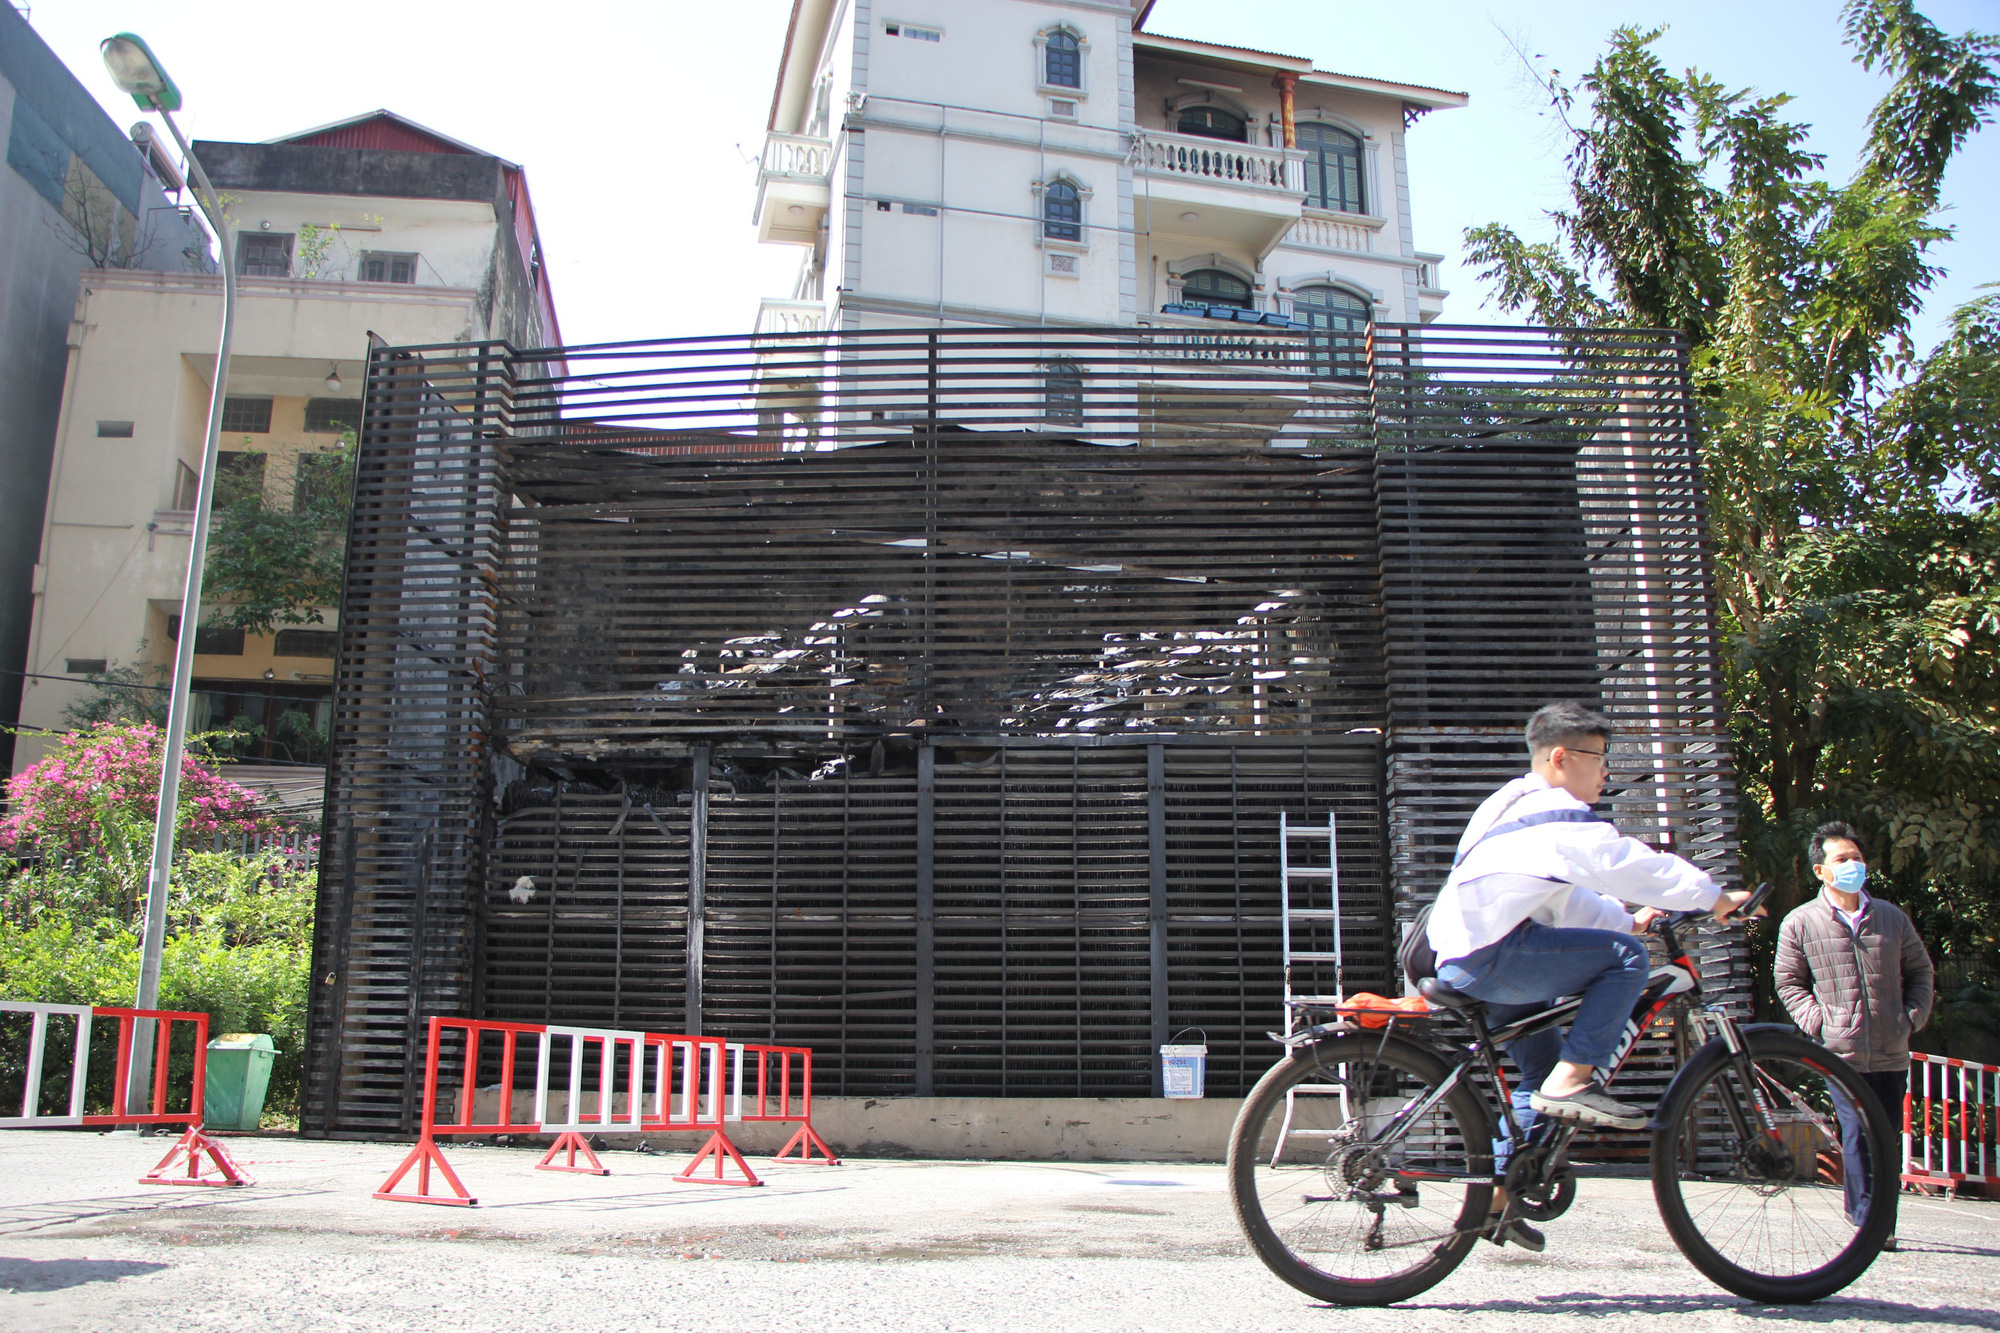 Hà Nội: Cháy hệ thống điều hòa chung cư, hàng trăm người hoảng loạn bỏ chạy - Ảnh 3.